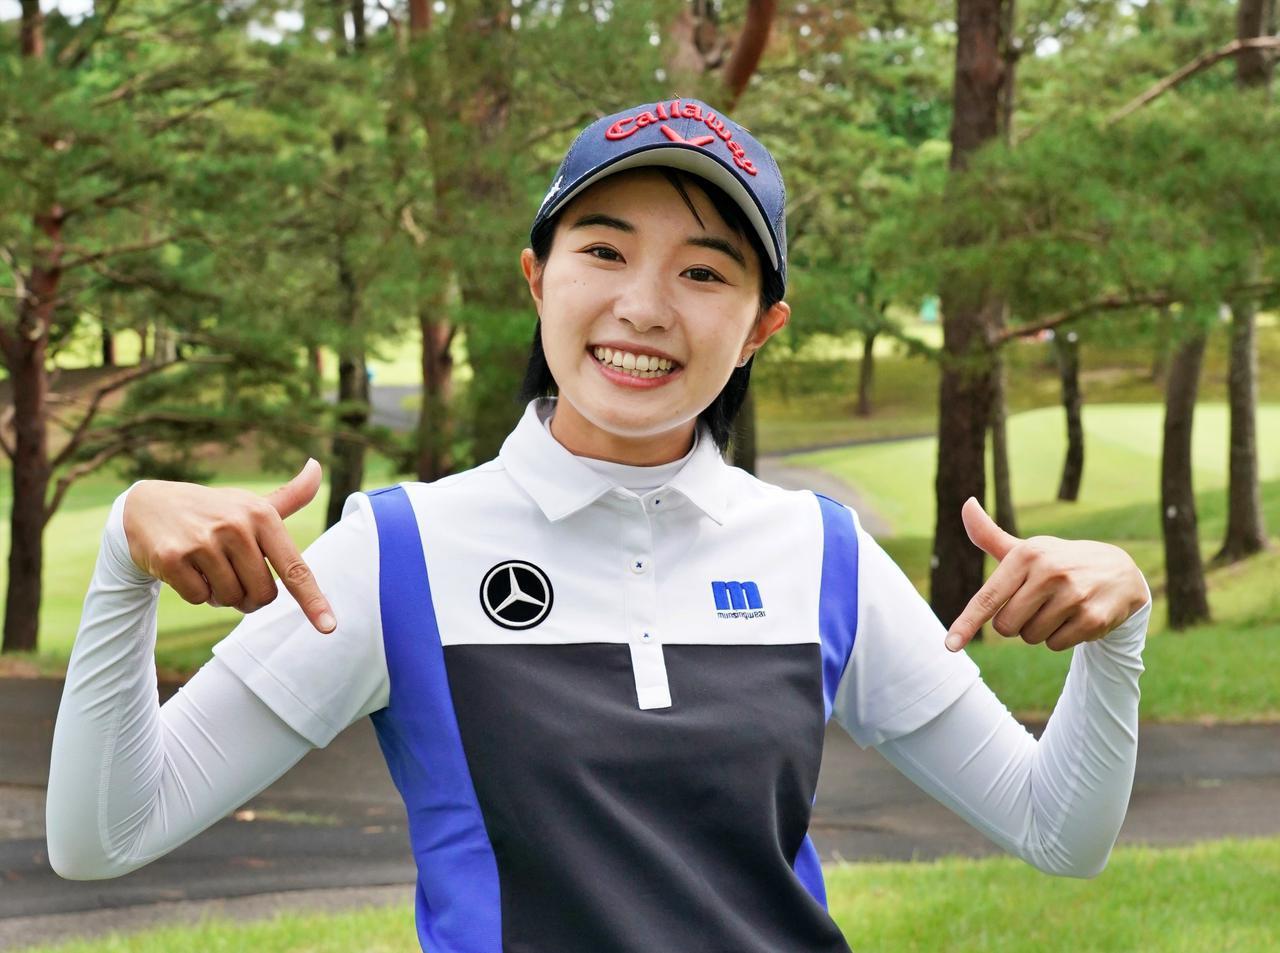 画像: 強くてかわいいゴルファーとして注目を集めた三浦。現在は着々と腕に磨きをかける日々を過ごしている